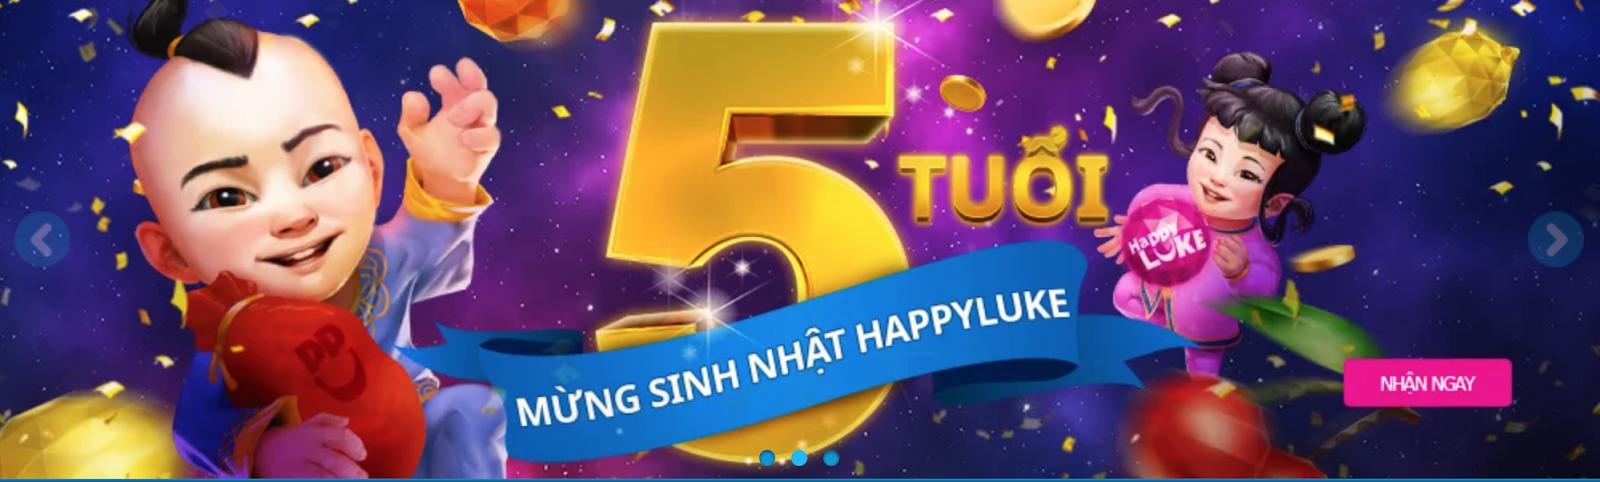 Sẵn sàng cho khuyến mãi tháng 6 cực lớn tại HappyLuke